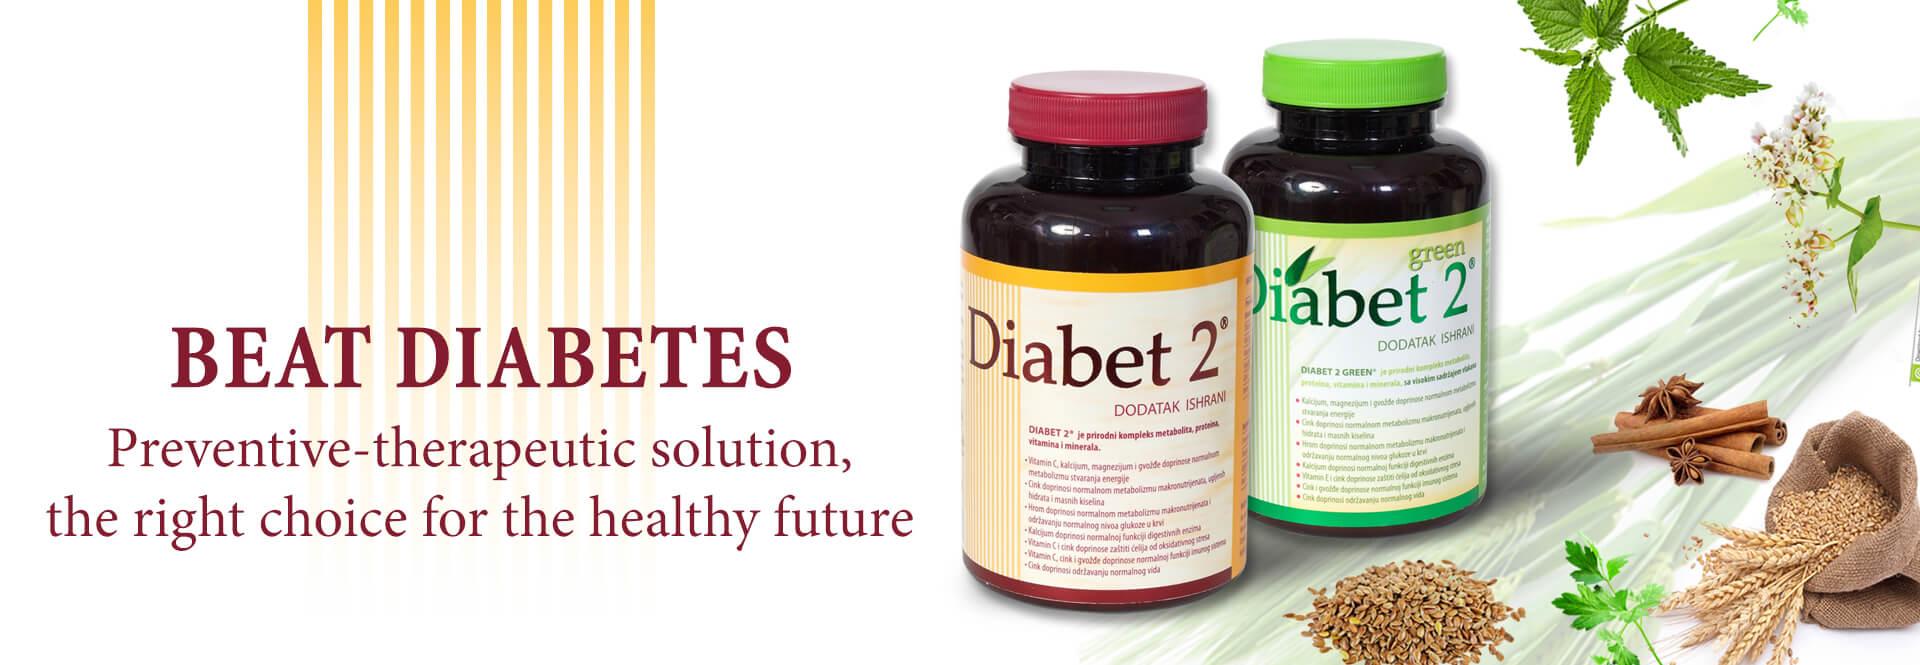 homepage_banner_diabet2